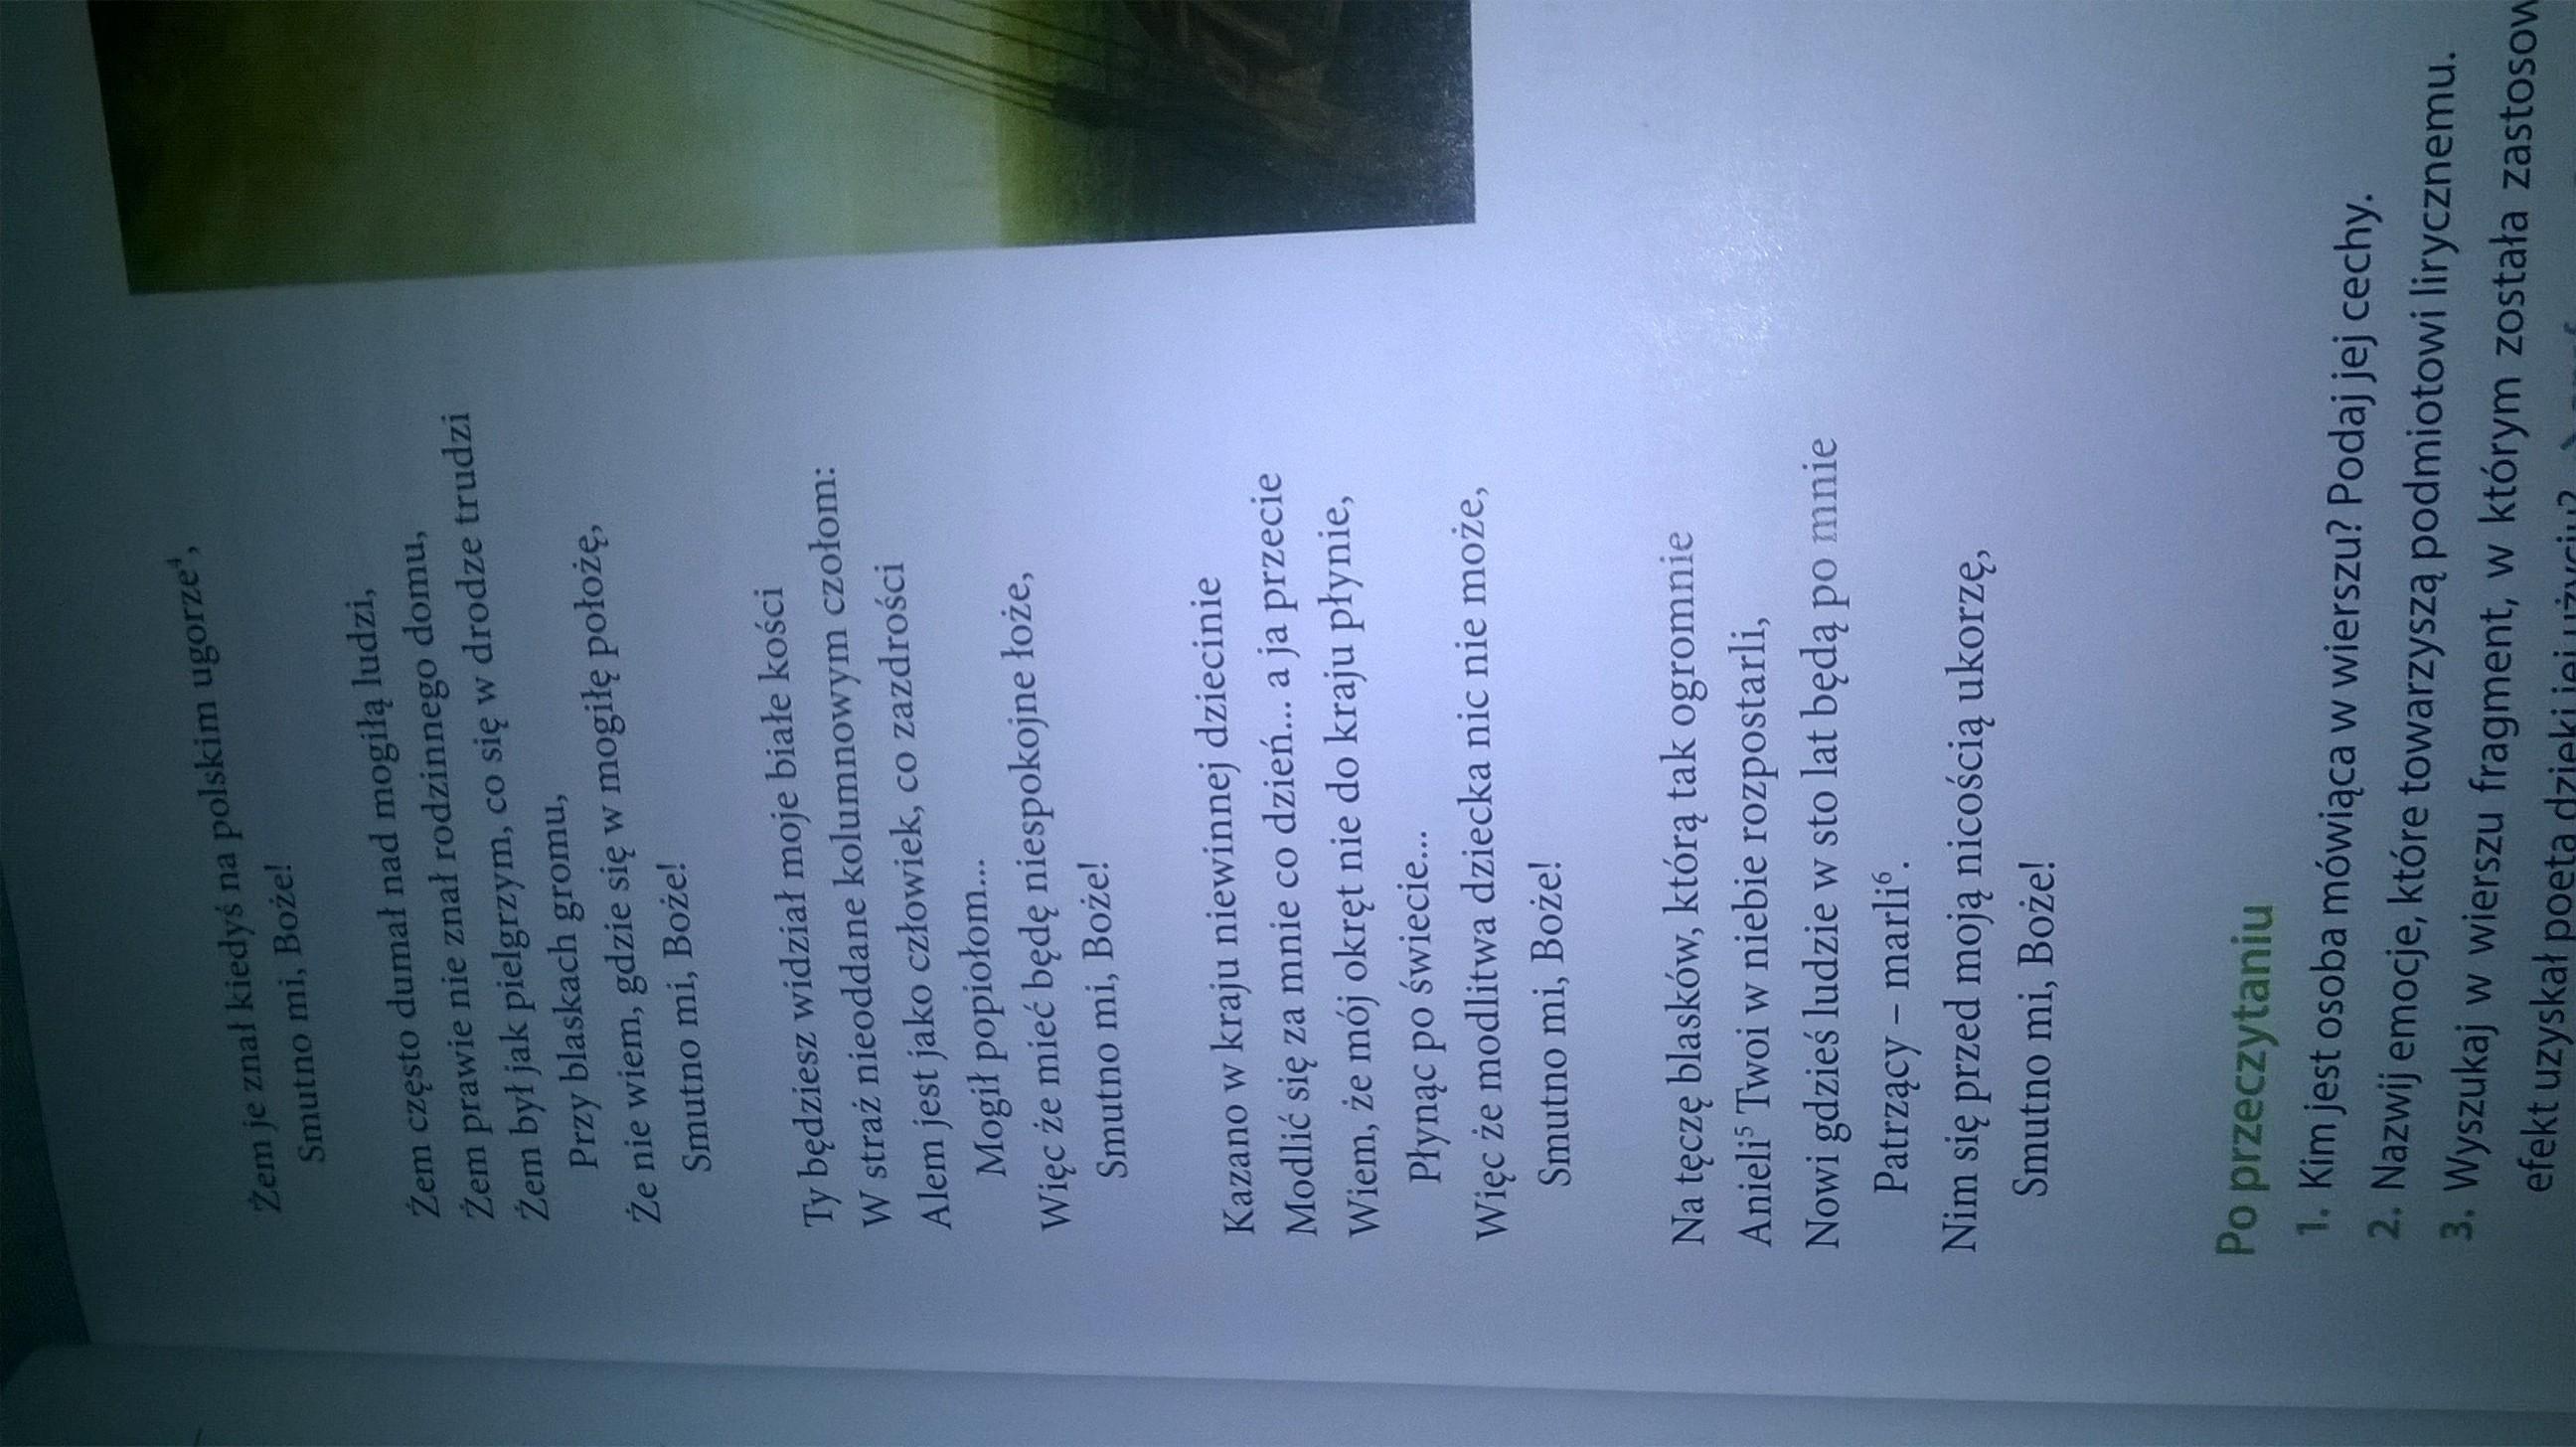 O Czym Jest Wiersz Juliusza Słowackiego Hymn Napisz O